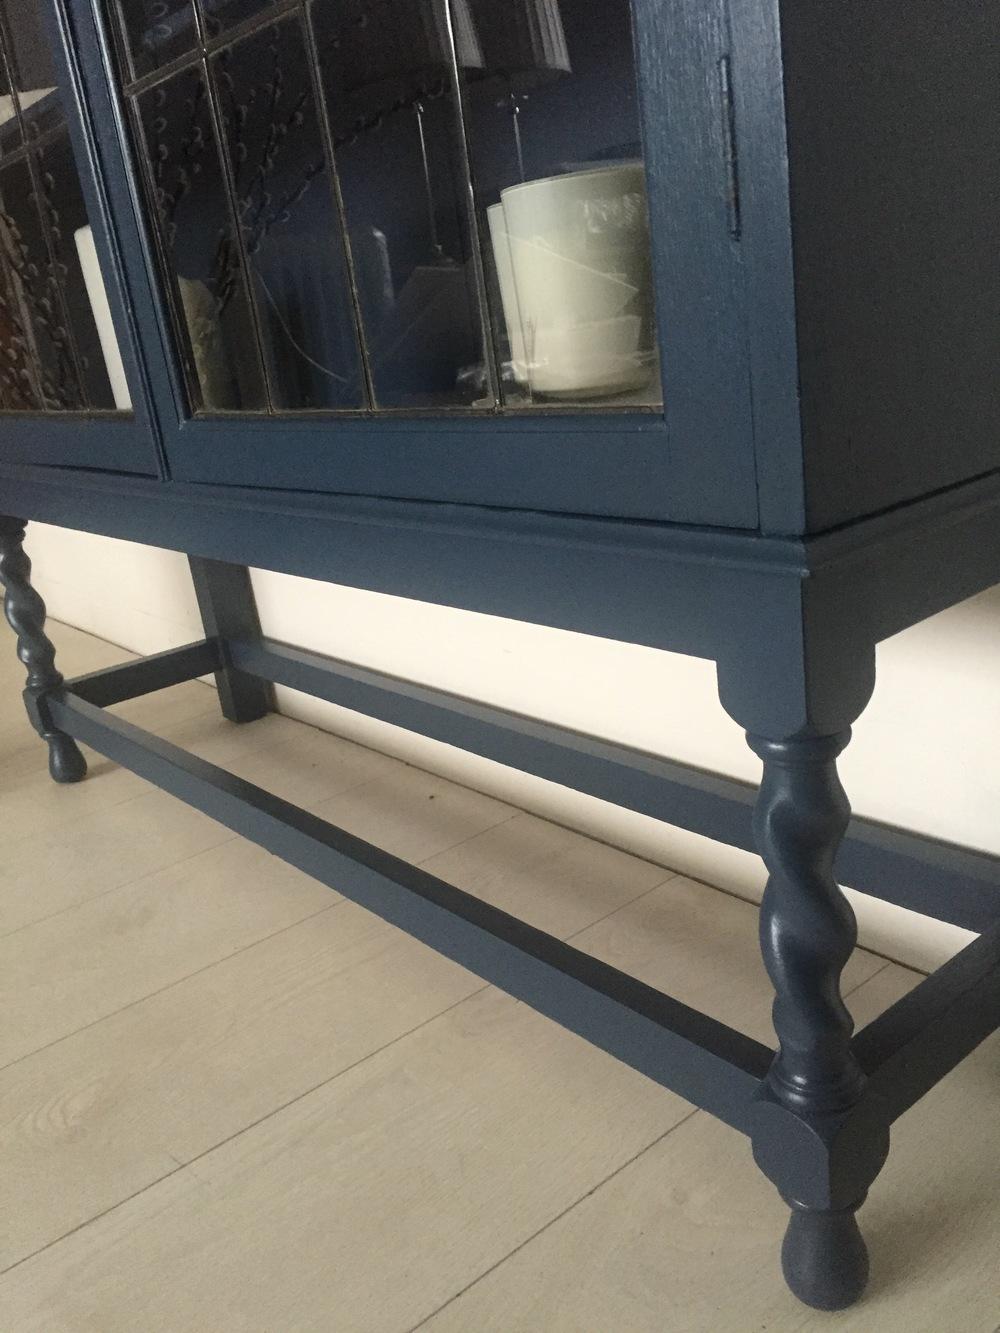 F&B Stiffkey Blue cabinet leg detail.jpg